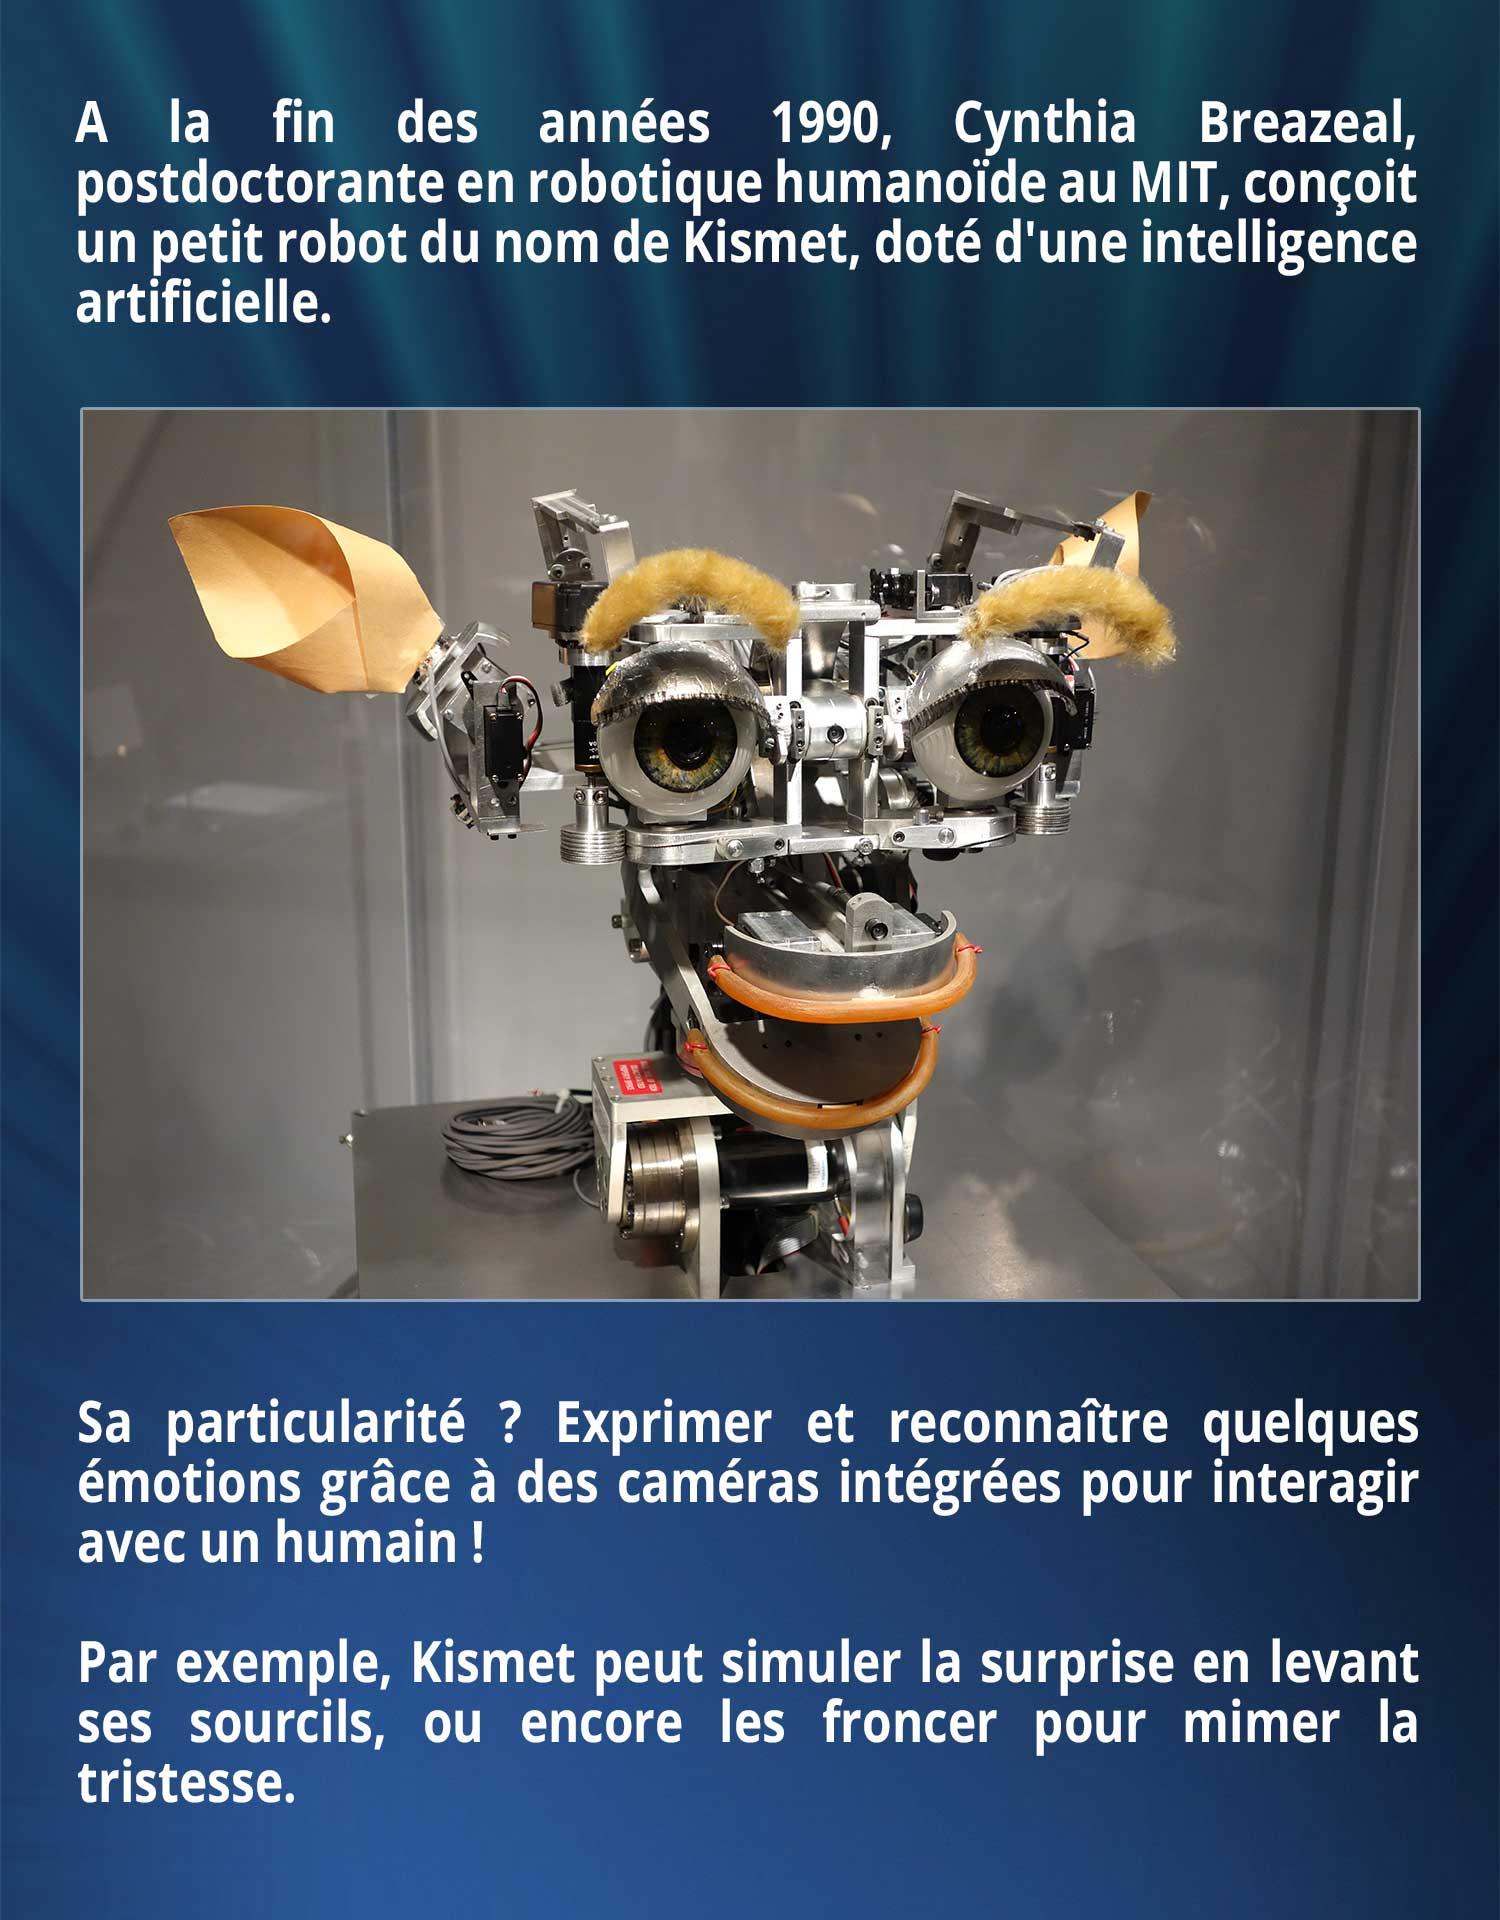 A la fin des années 1990, Cynthia Breazeal, postdoctorante en robotique humanoïde au MIT, conçoit un petit robot du nom de Kismet, doté d'une intelligence artificielle. Sa particularité ? Exprimer et reconnaître quelques émotions grâce à des caméras intégrées pour interagir avec un humain ! Par exemple, Kismet peut simuler la surprise en levant ses sourcils, ou encore les froncer pour mimer la tristesse.